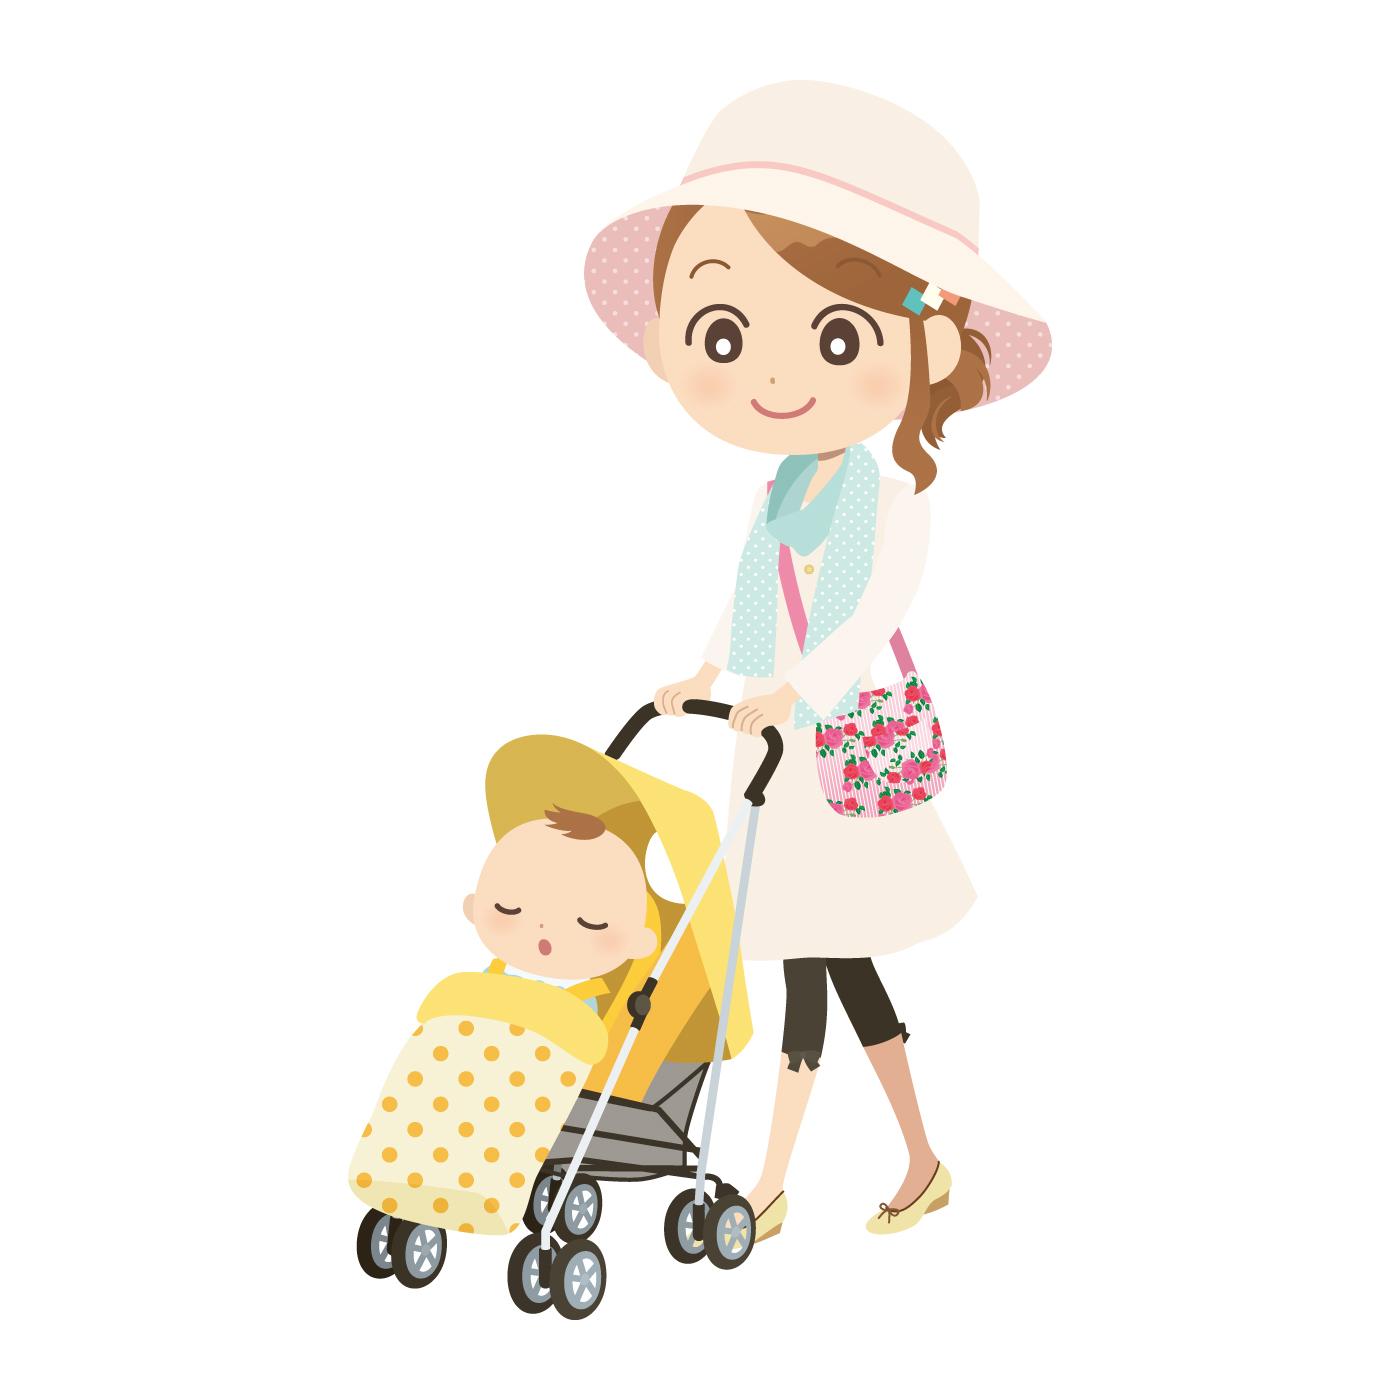 赤ちゃんと夏のお出かけ ベビーカーの時に気をつける。暑さと虫除け対策は?